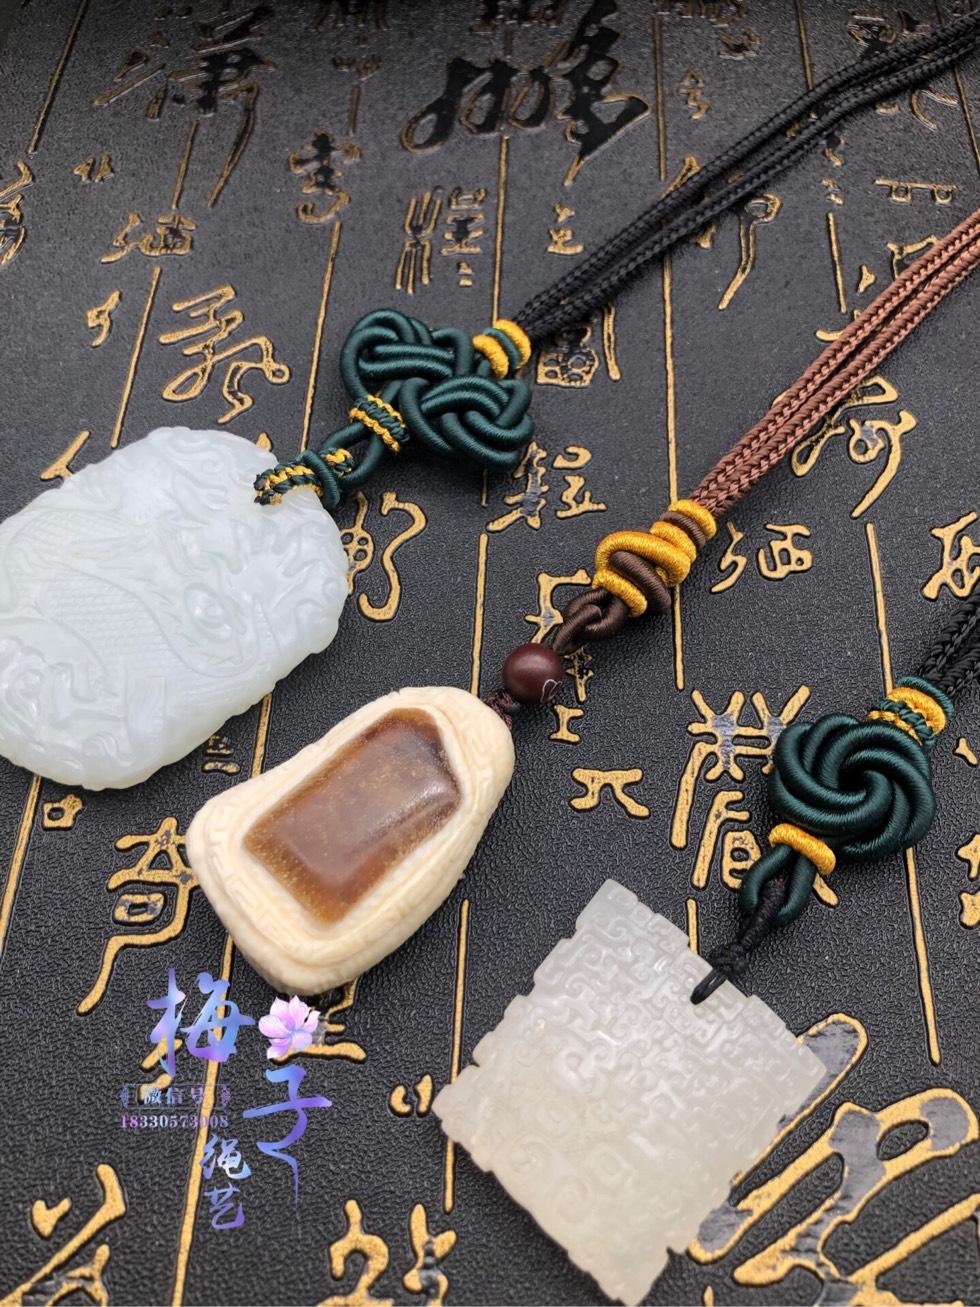 中国结论坛 最近作品 范冰冰最近没有作品,余华的作品,汪海林作品,最好的作品,伪戒作品 作品展示 060730uerzwdwl1w4yoiou